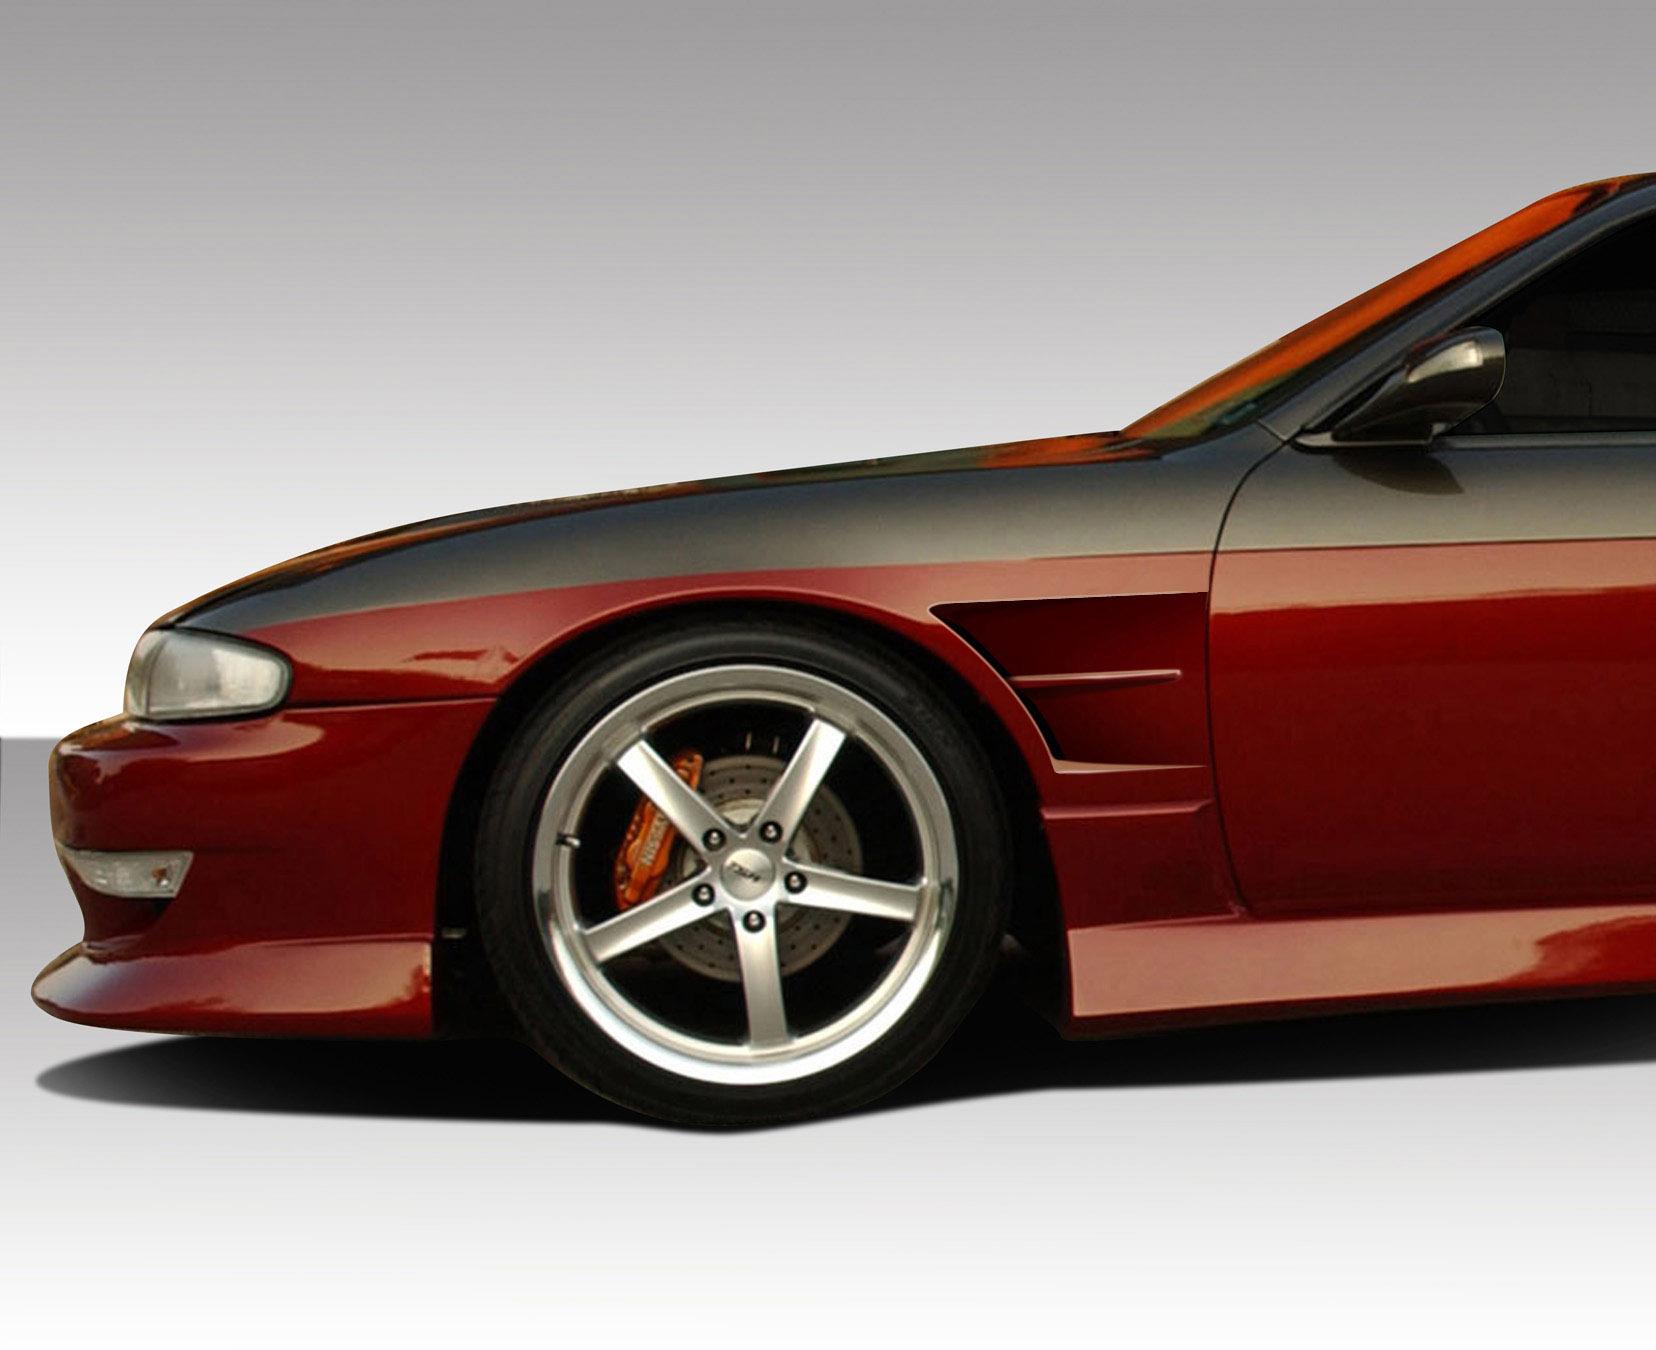 95-96 Fits Nissan 240SX B-Sport Duraflex Body Kit- Front